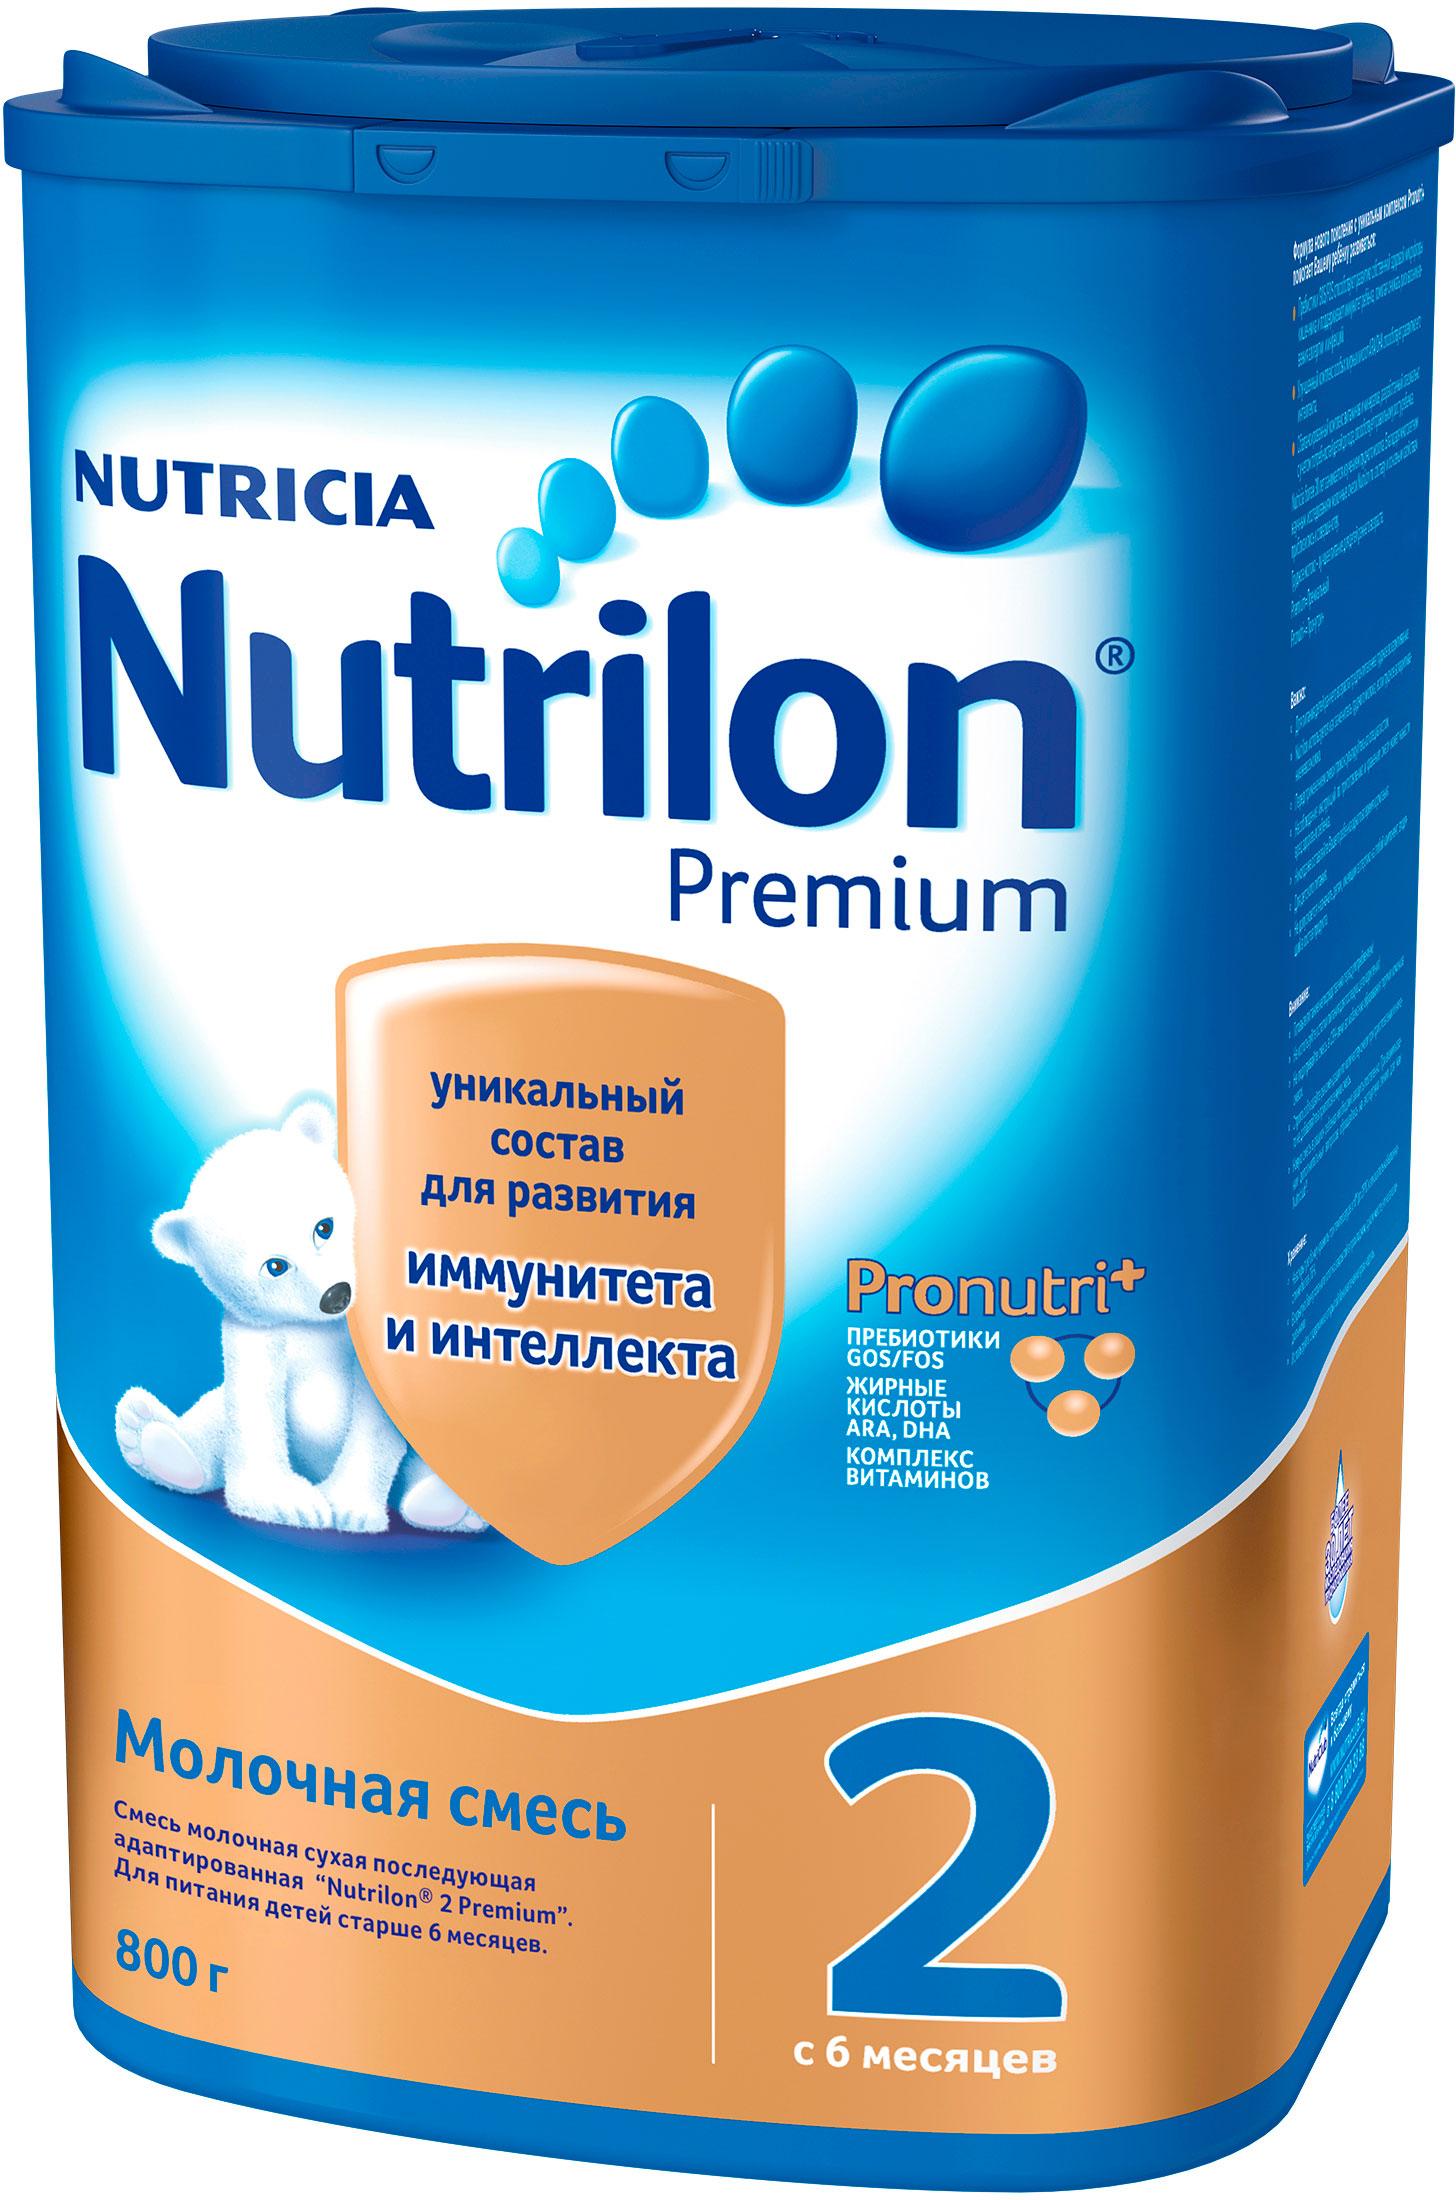 Молочная смесь Nutricia Nutrilon (Nutricia) 2 Premium (c 6 месяцев) 800 г молочные смеси nutrilon молочная смесь nutrilon гипоаллергенный 2 с 6 месяцев 800 г